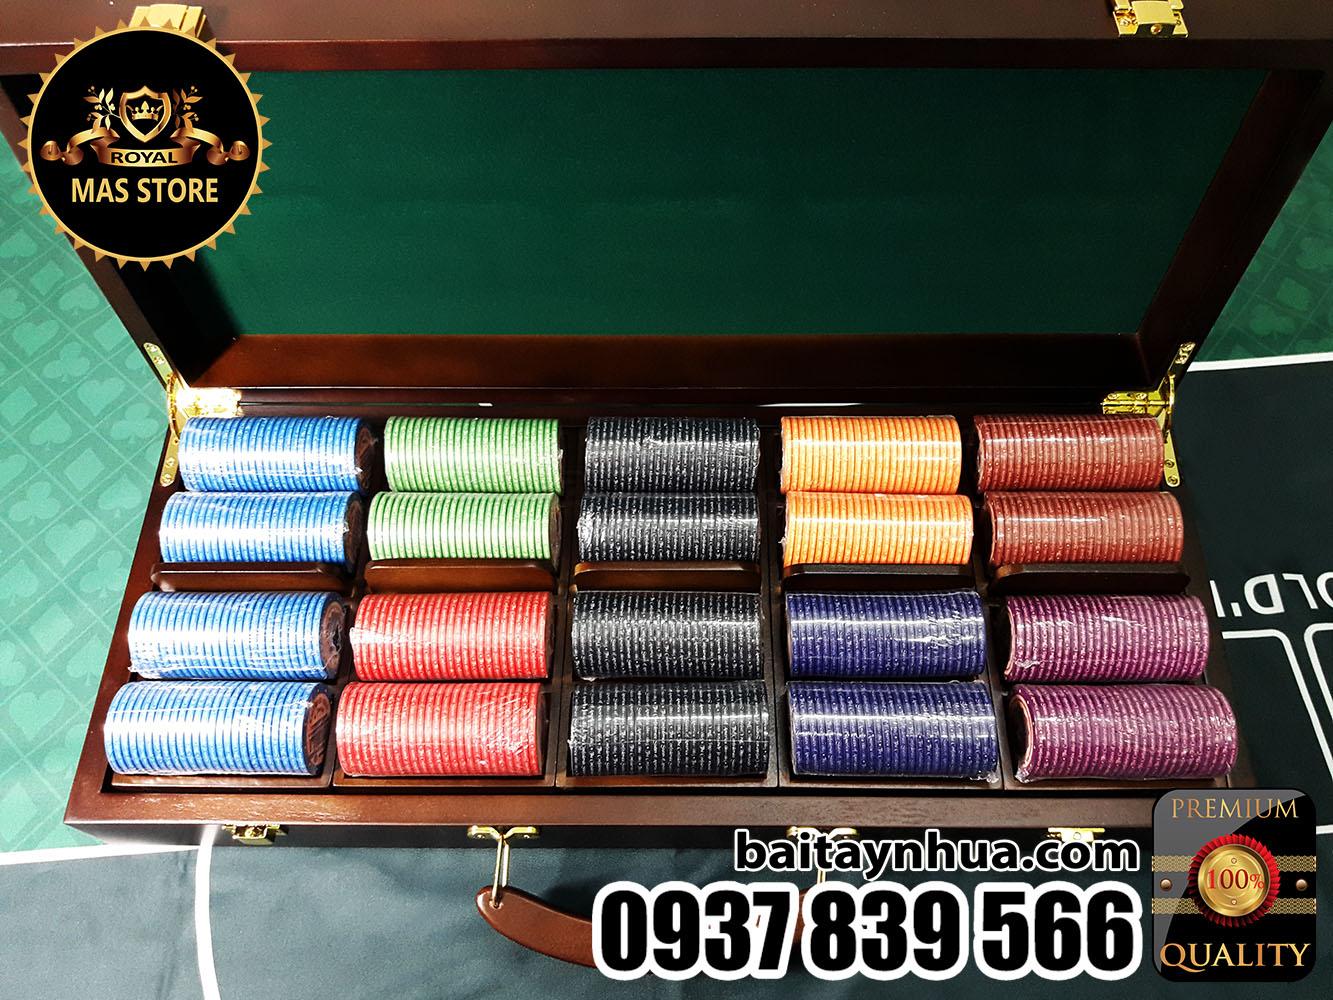 500 Chips Poker AMERICA`S HISTORY 100% Ceramic - Vali Gỗ